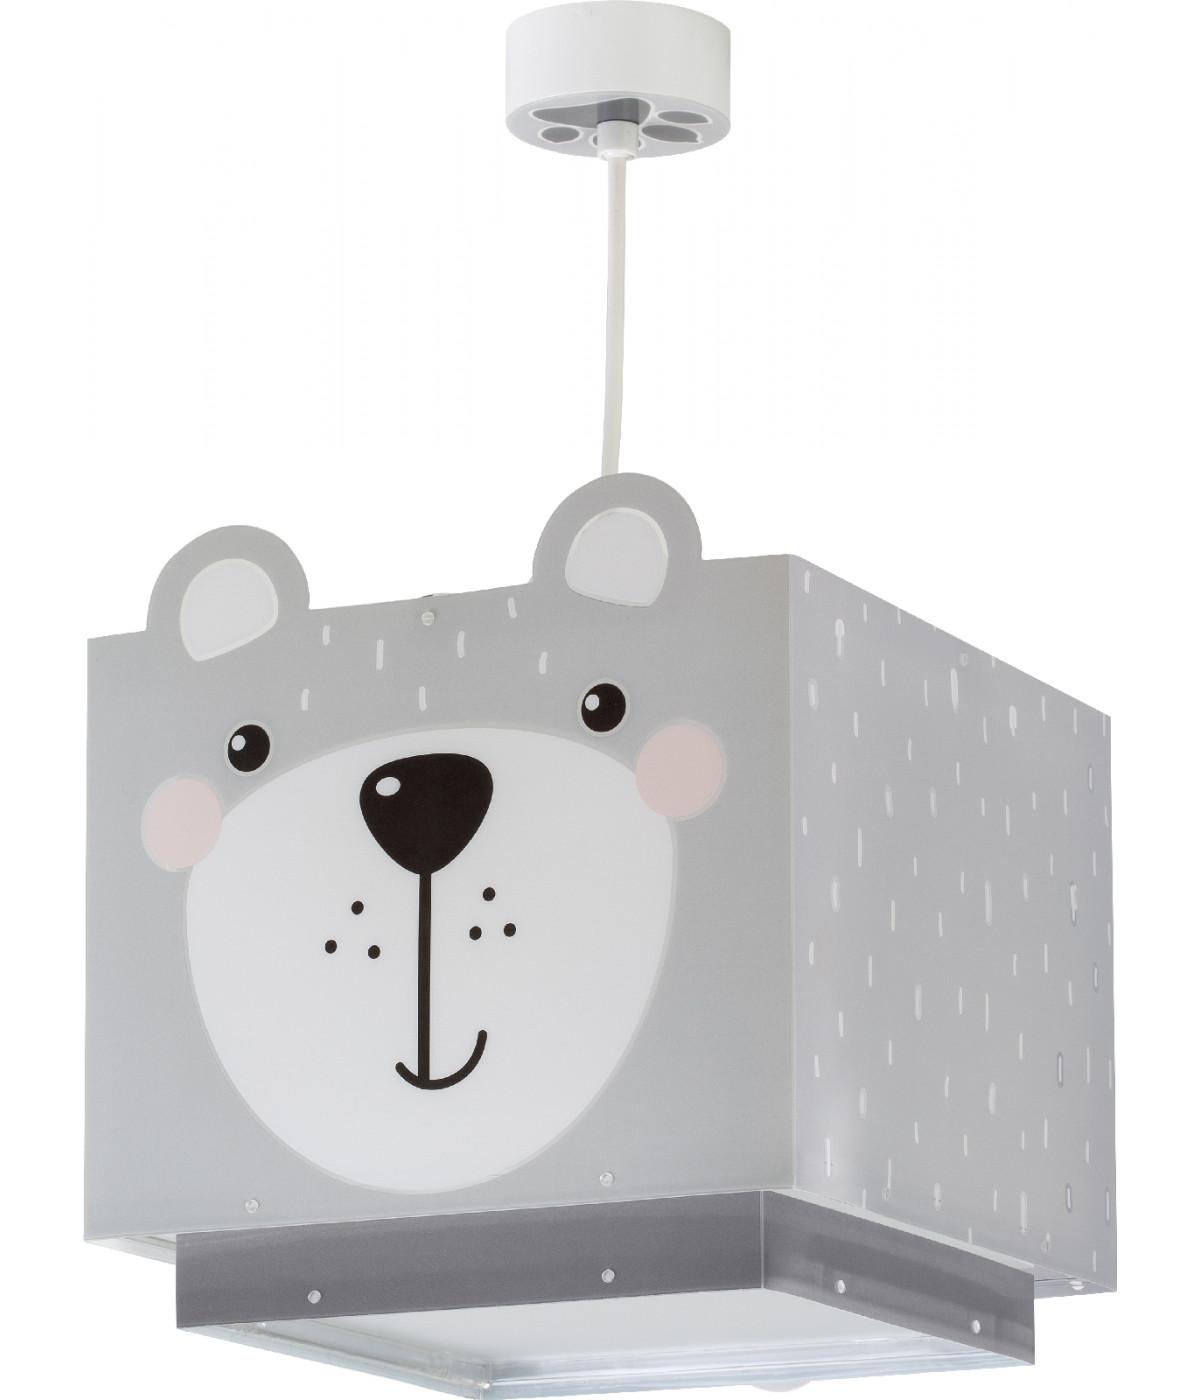 Candeeiro infantil de tecto com urso Little Teddy